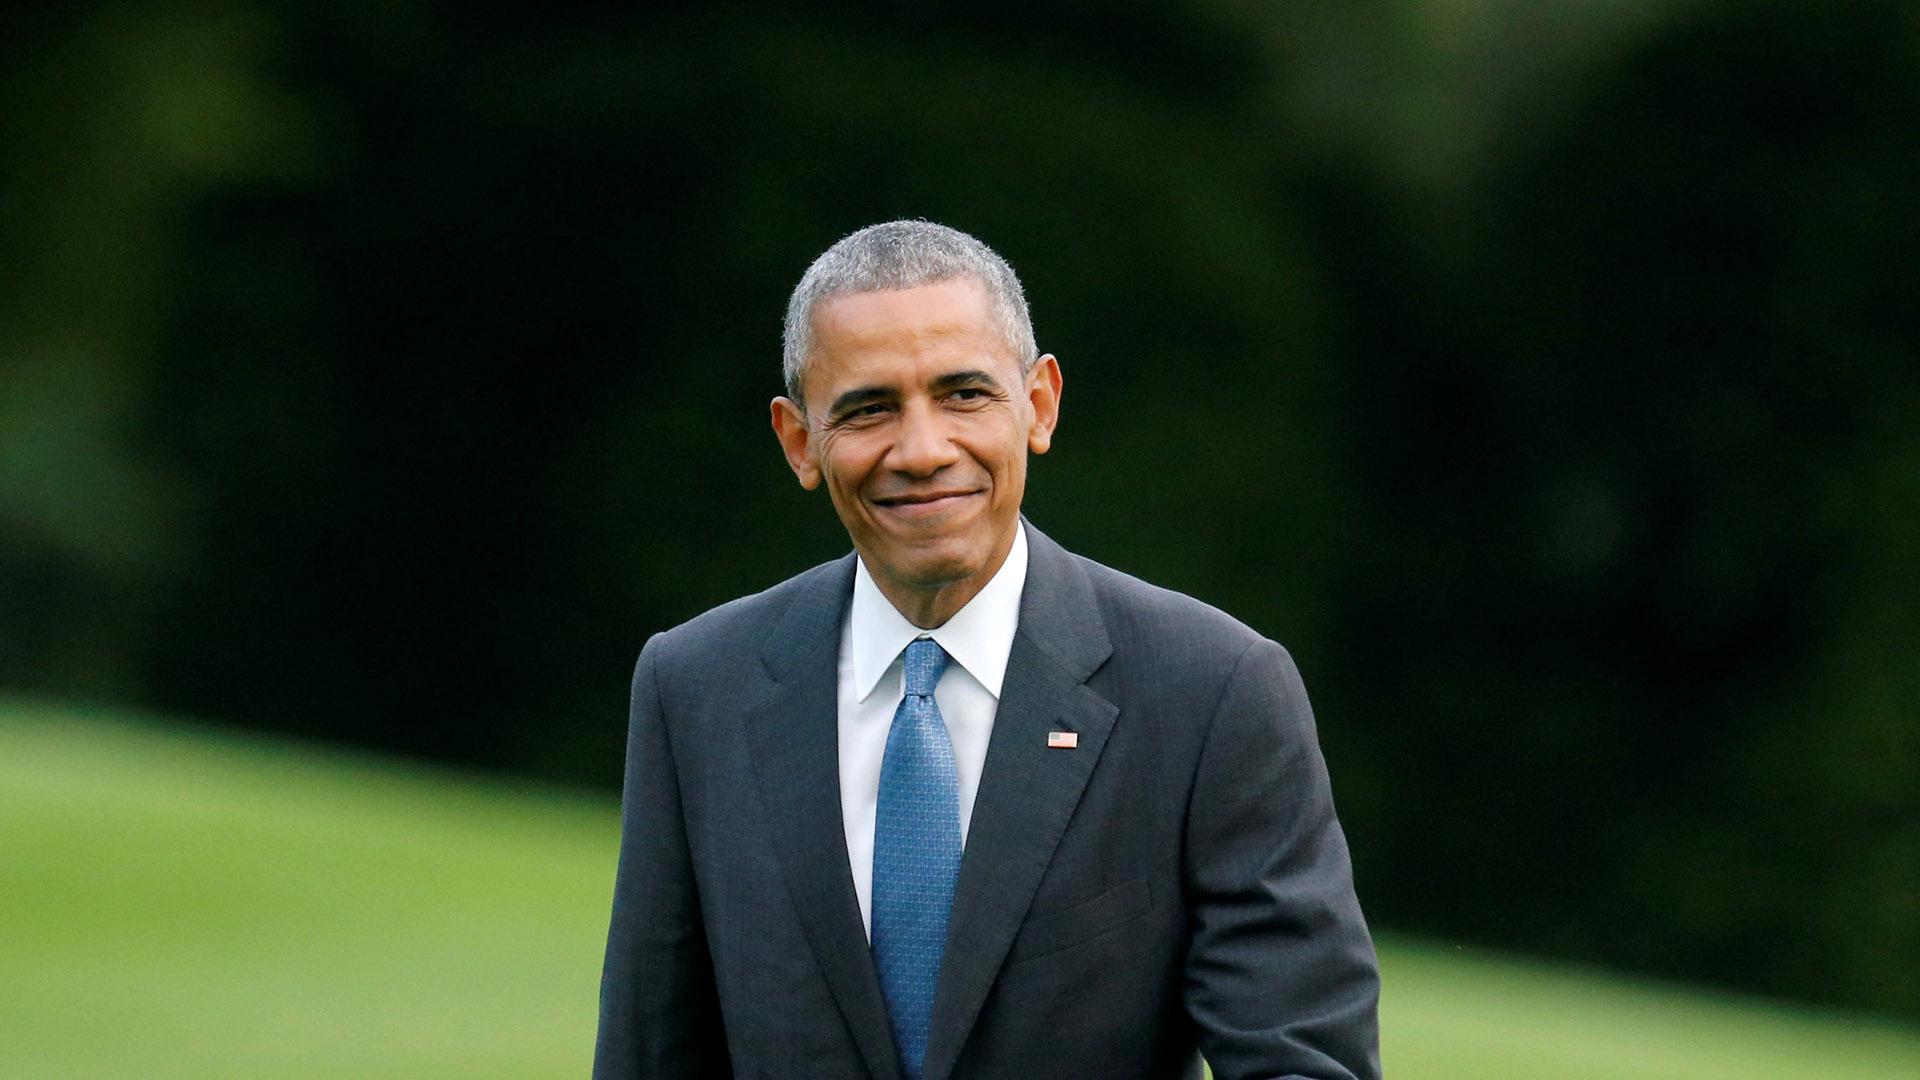 El mandatario participará en su quinta y última cumbre de la OTAN del 7 al 9 de julio